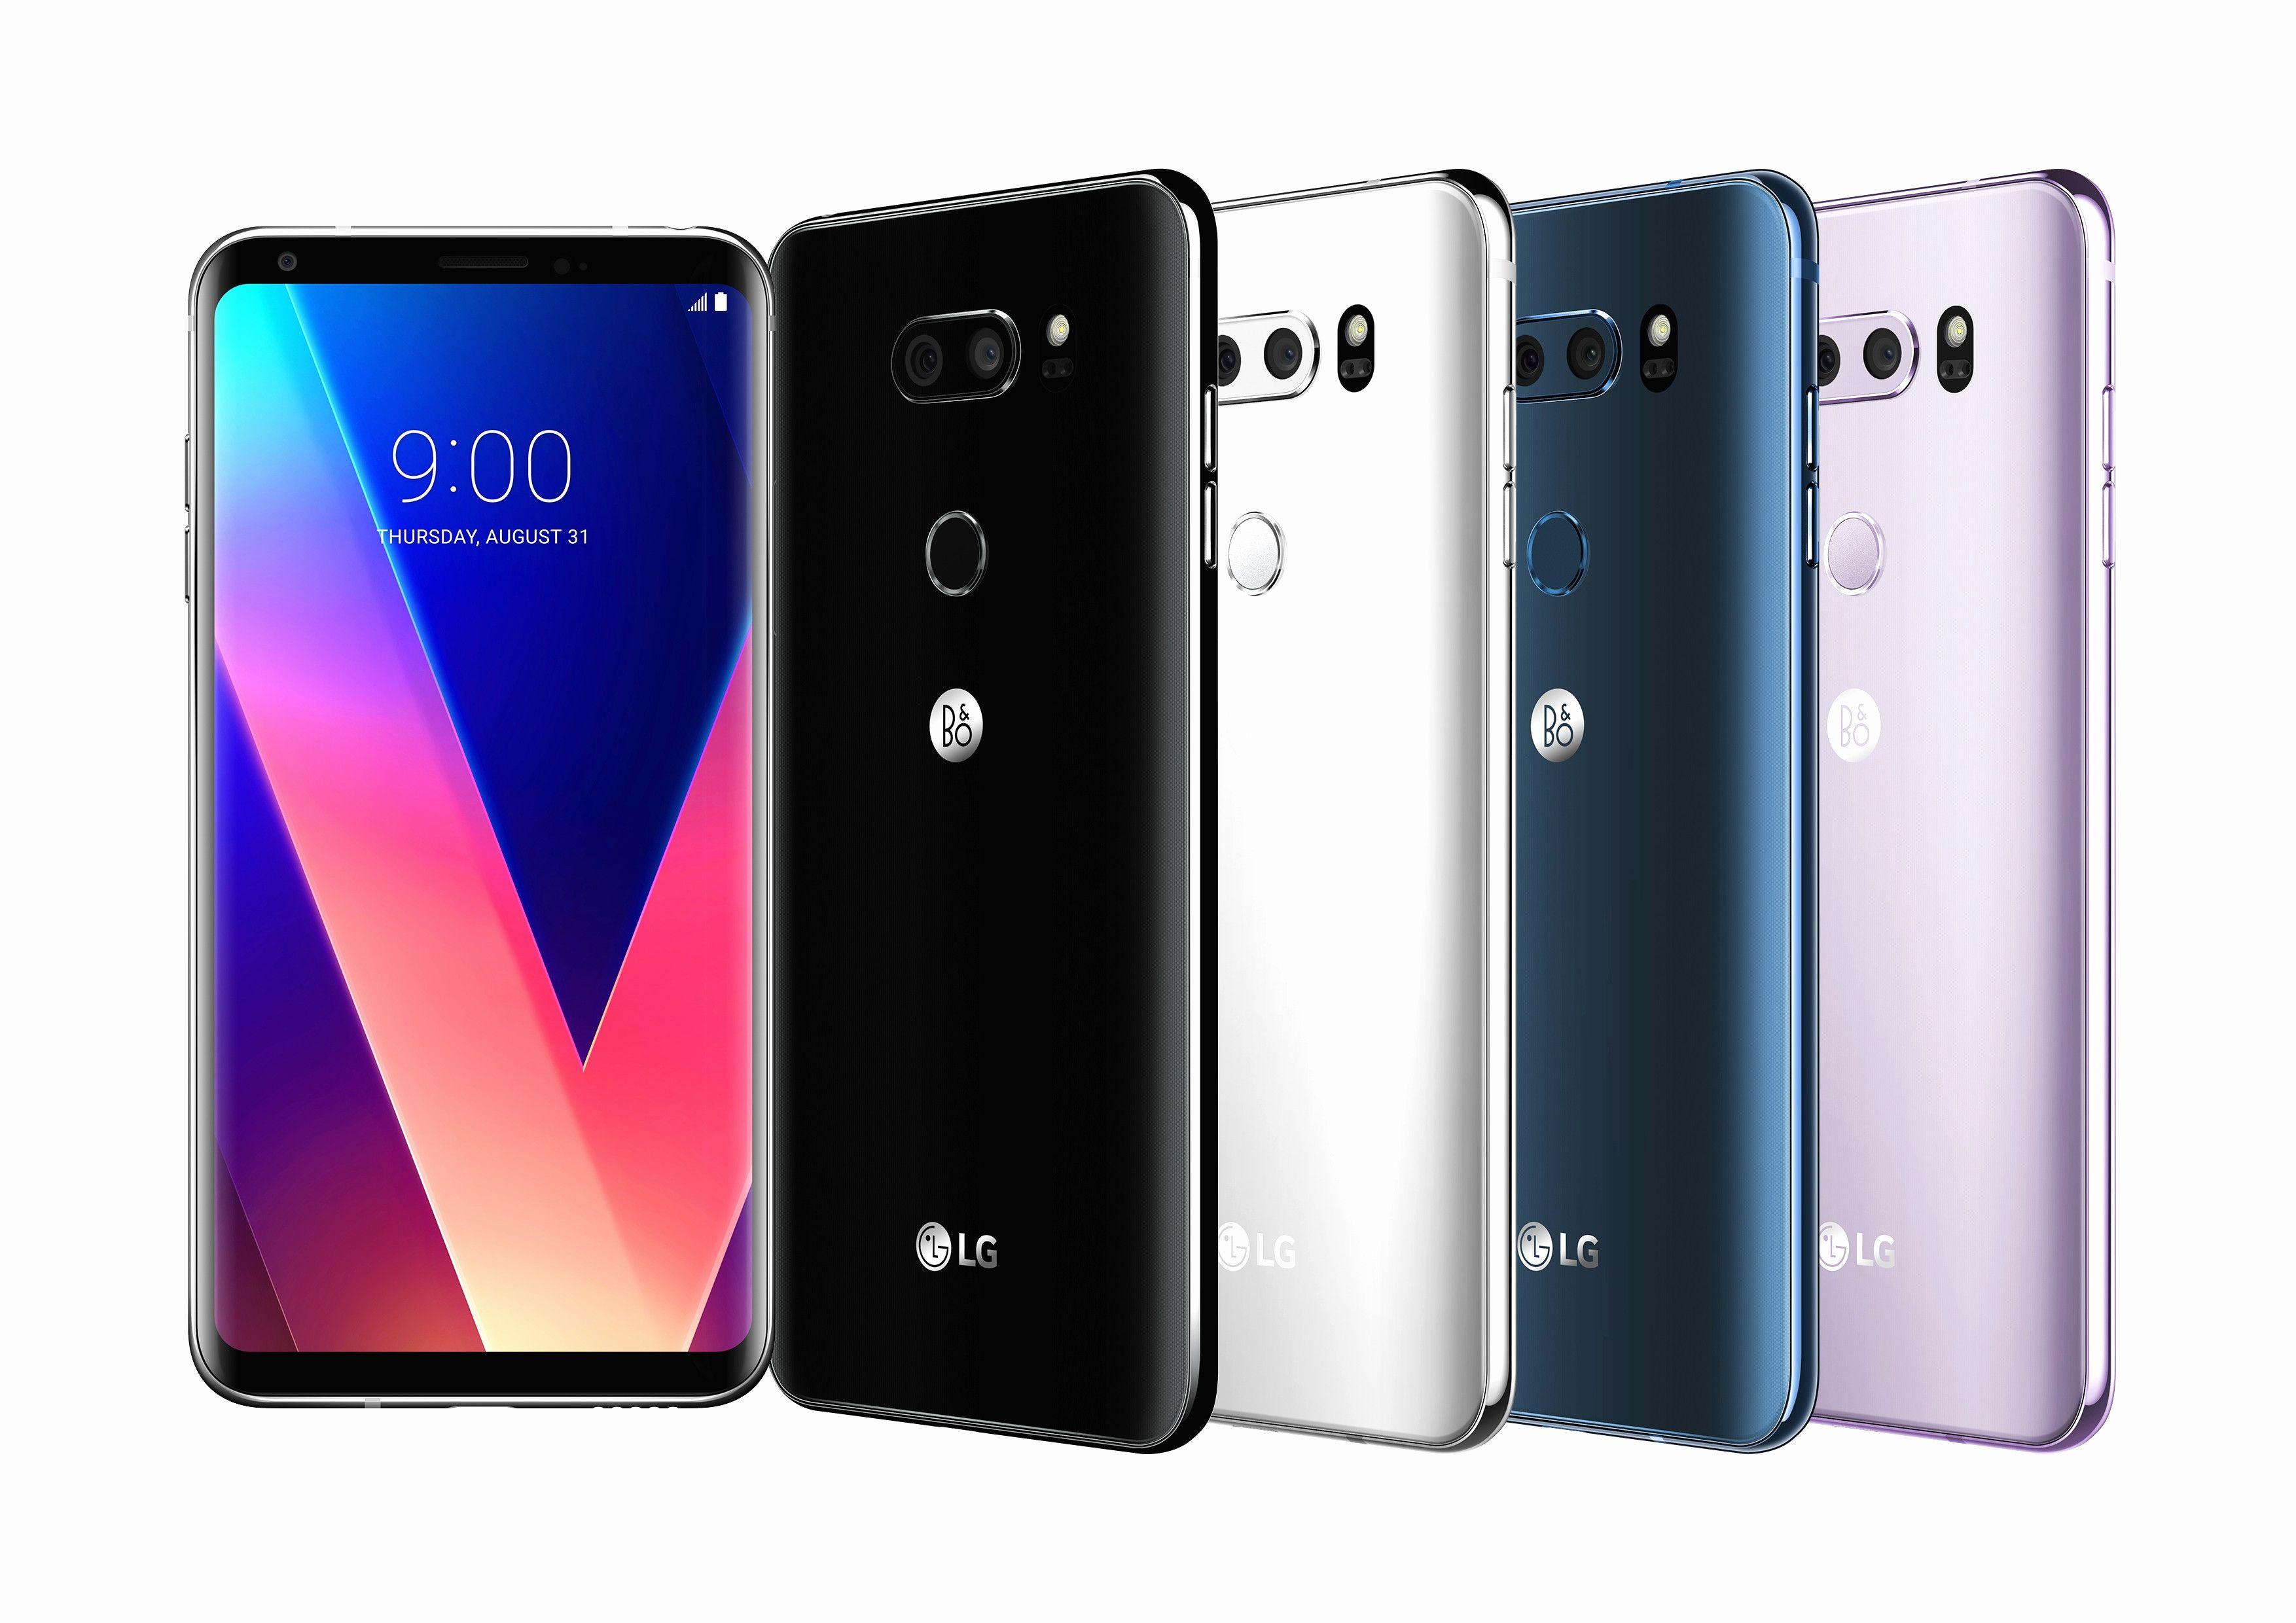 Iphone 5s Wallpaper Lg V30 123268 Hd Wallpaper